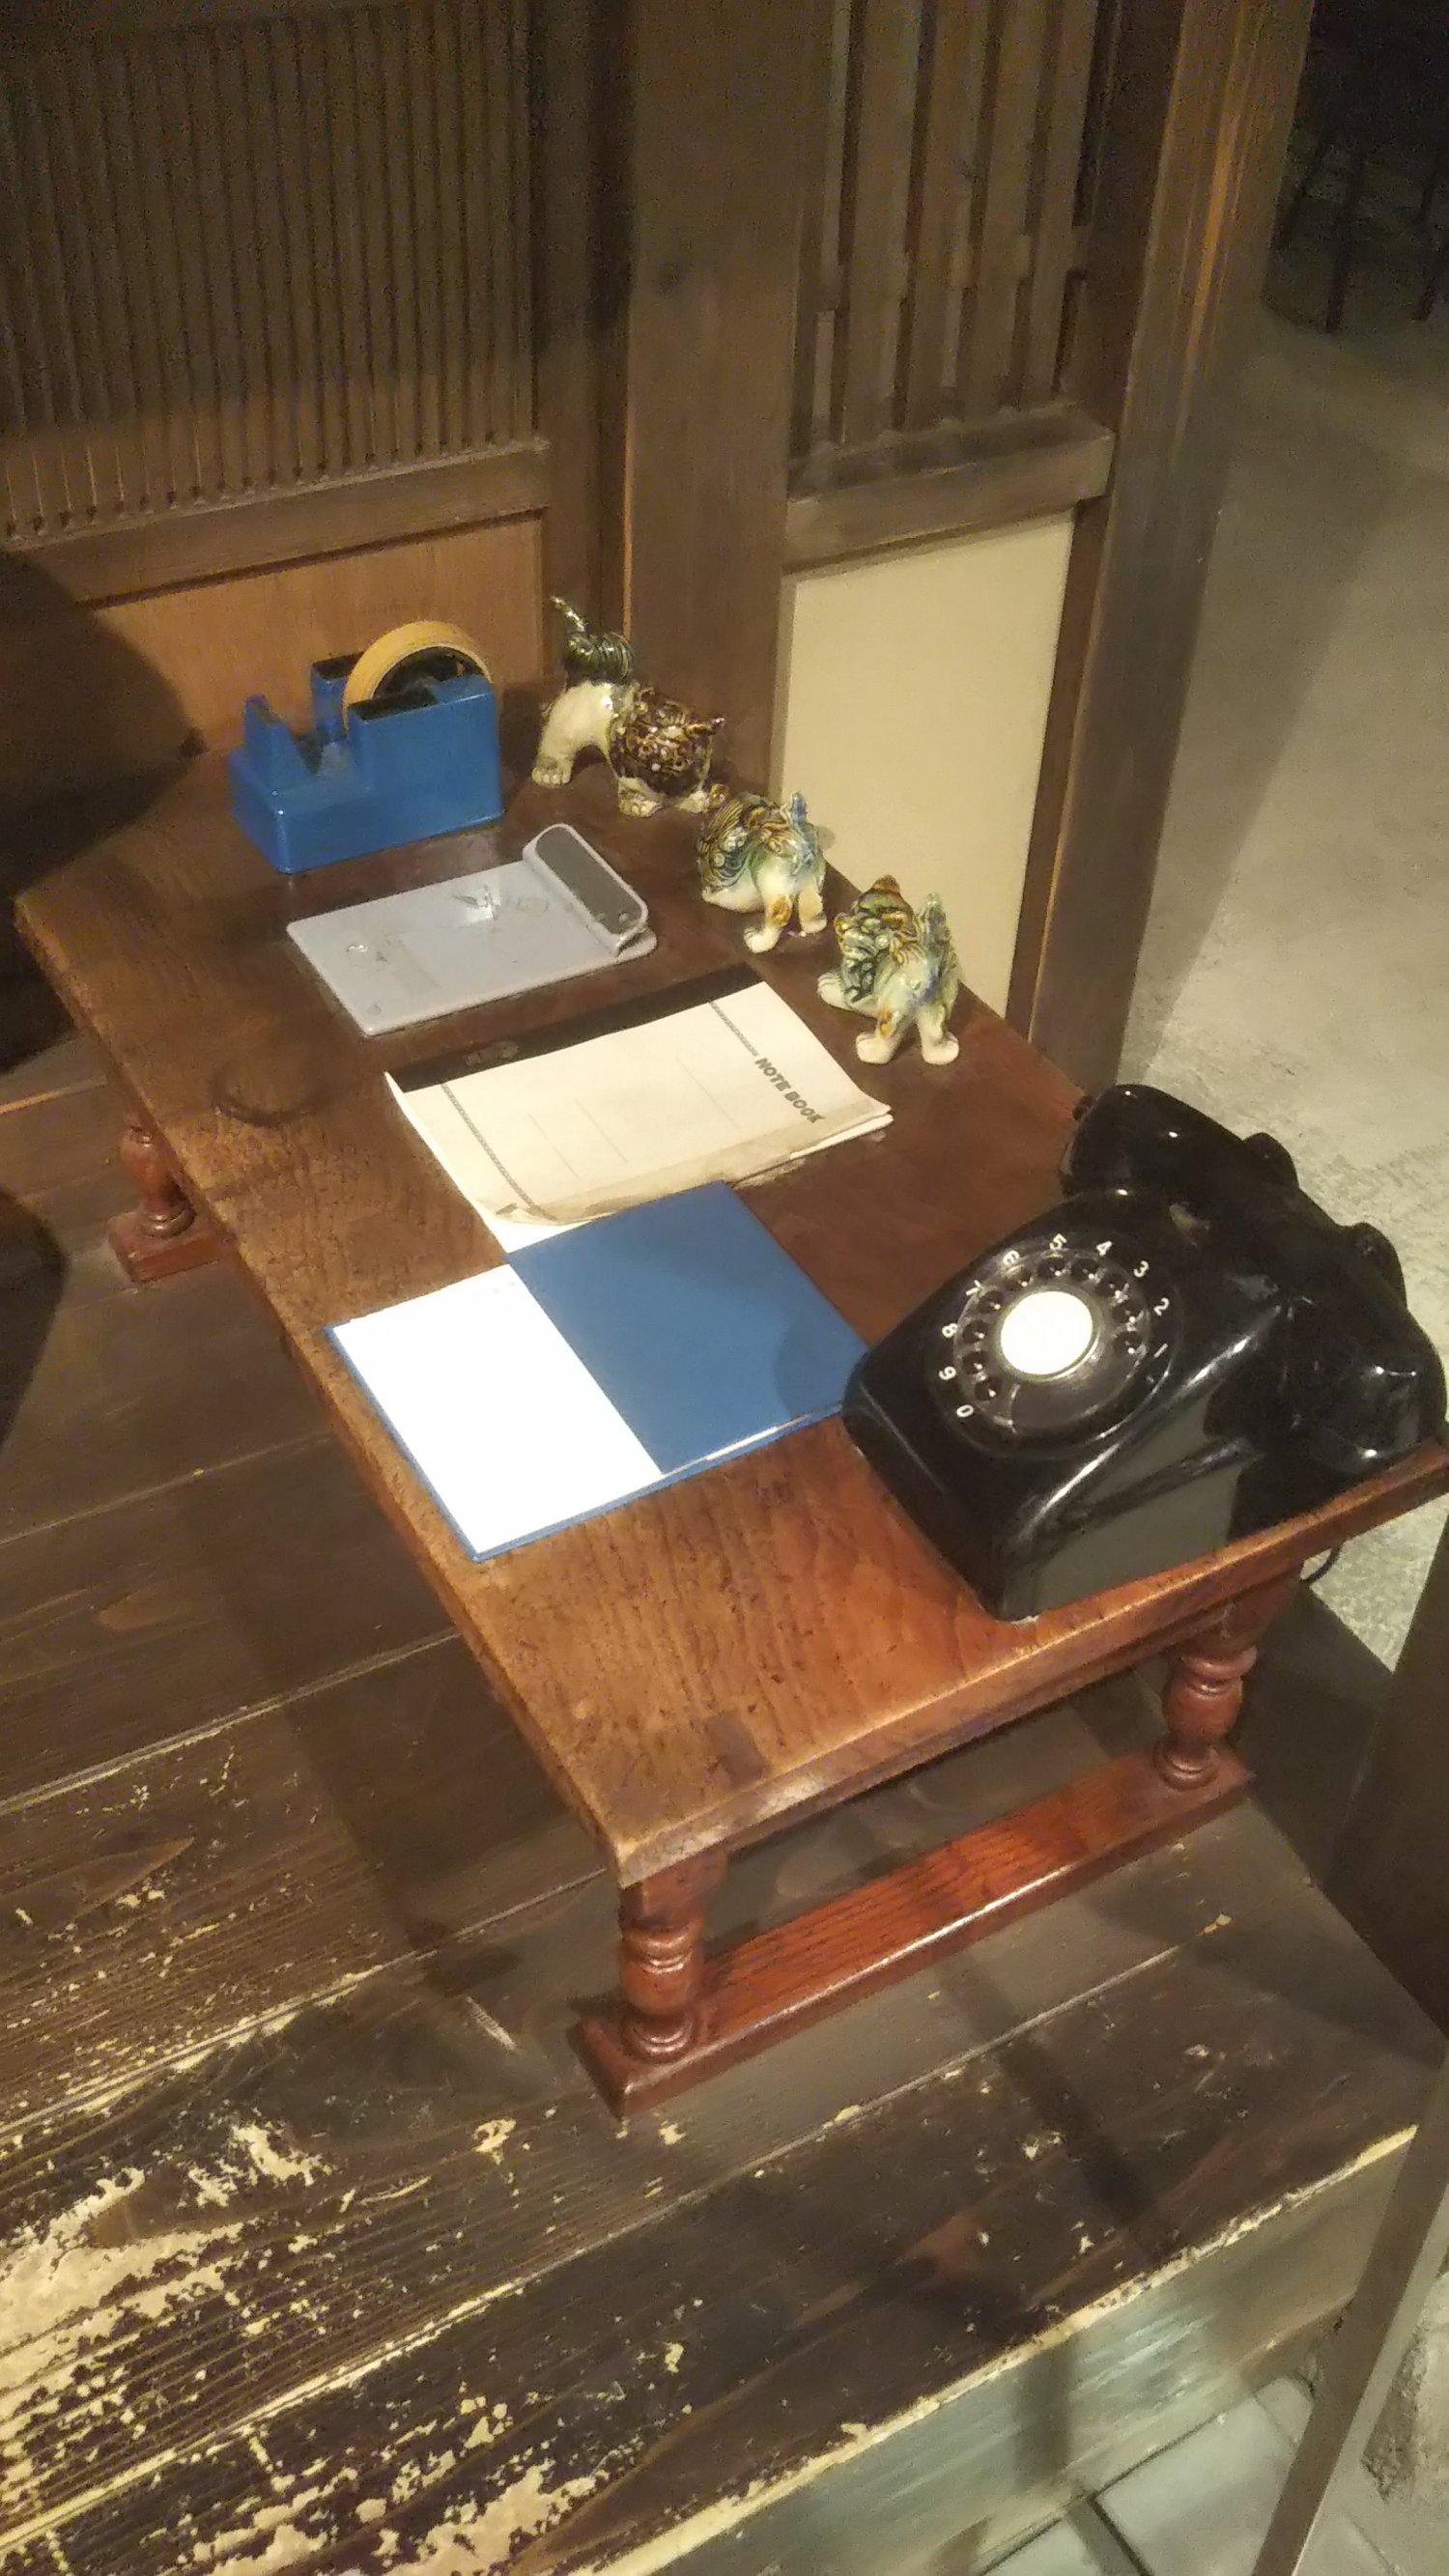 リリーからの電話を心待ちにする寅さんをタコ社長がからかうところからバトルに発展(「葛飾柴又寅さん記念館」)。